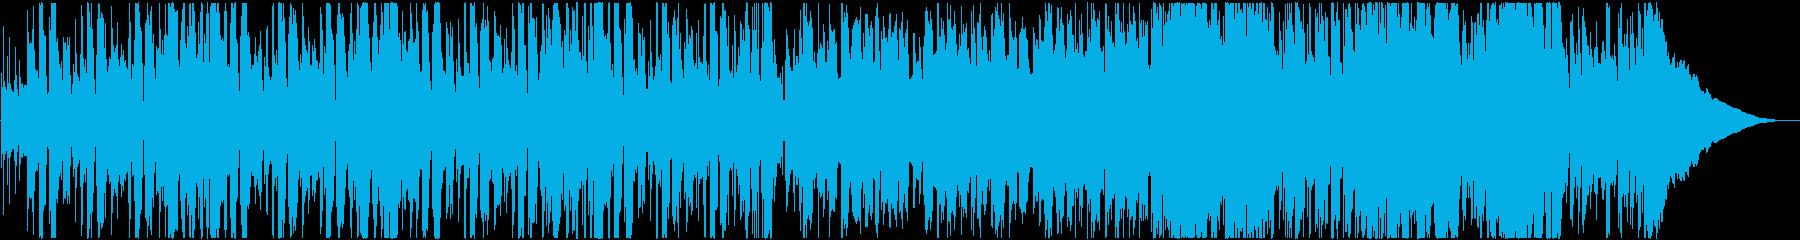 カントリー調の口笛のほのぼのした曲の再生済みの波形